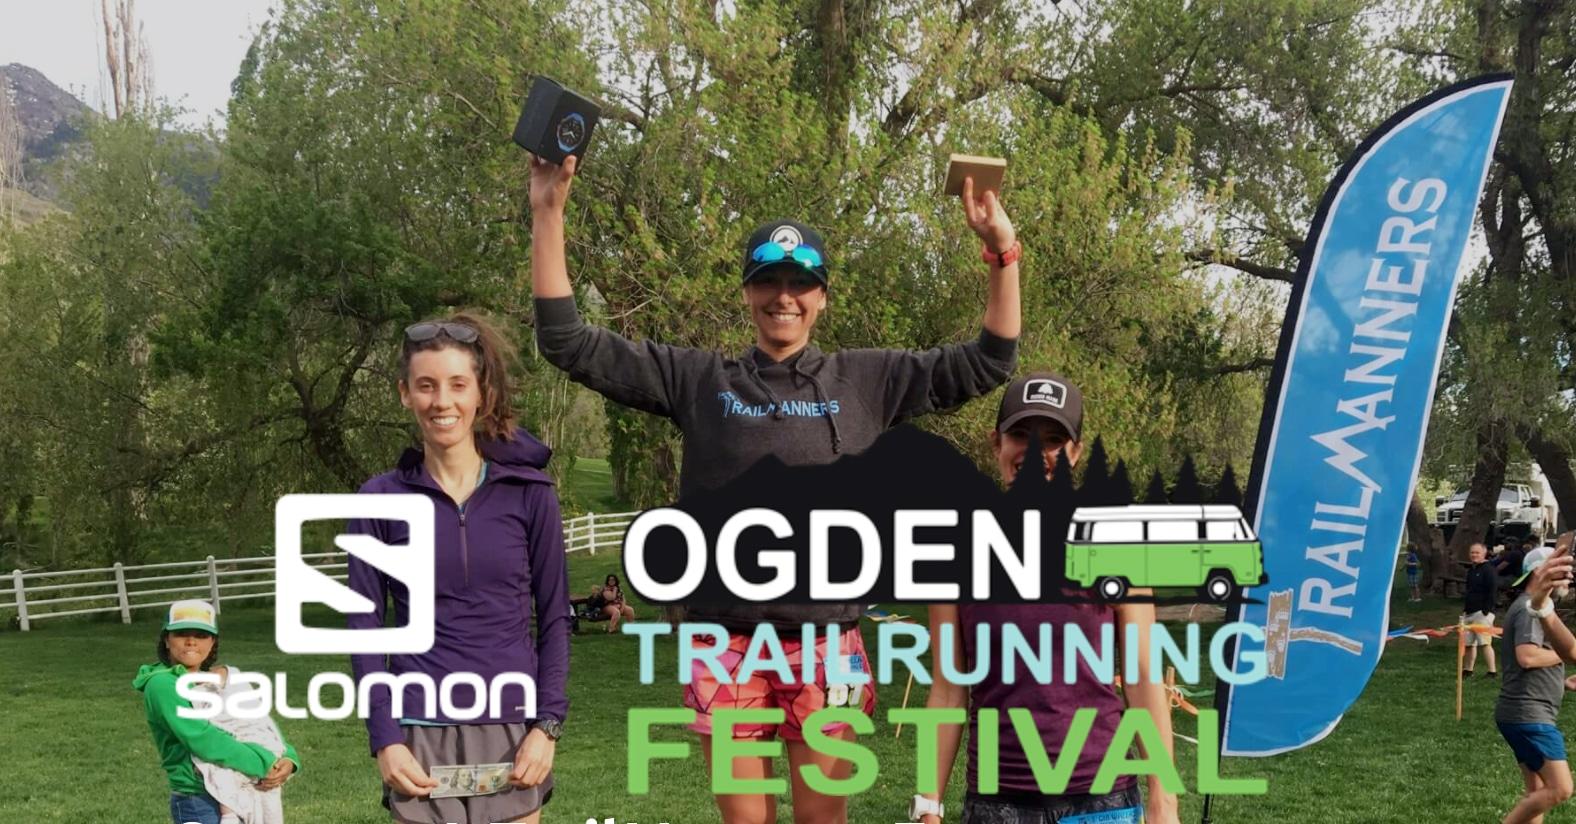 Ogden trail running festival 2018